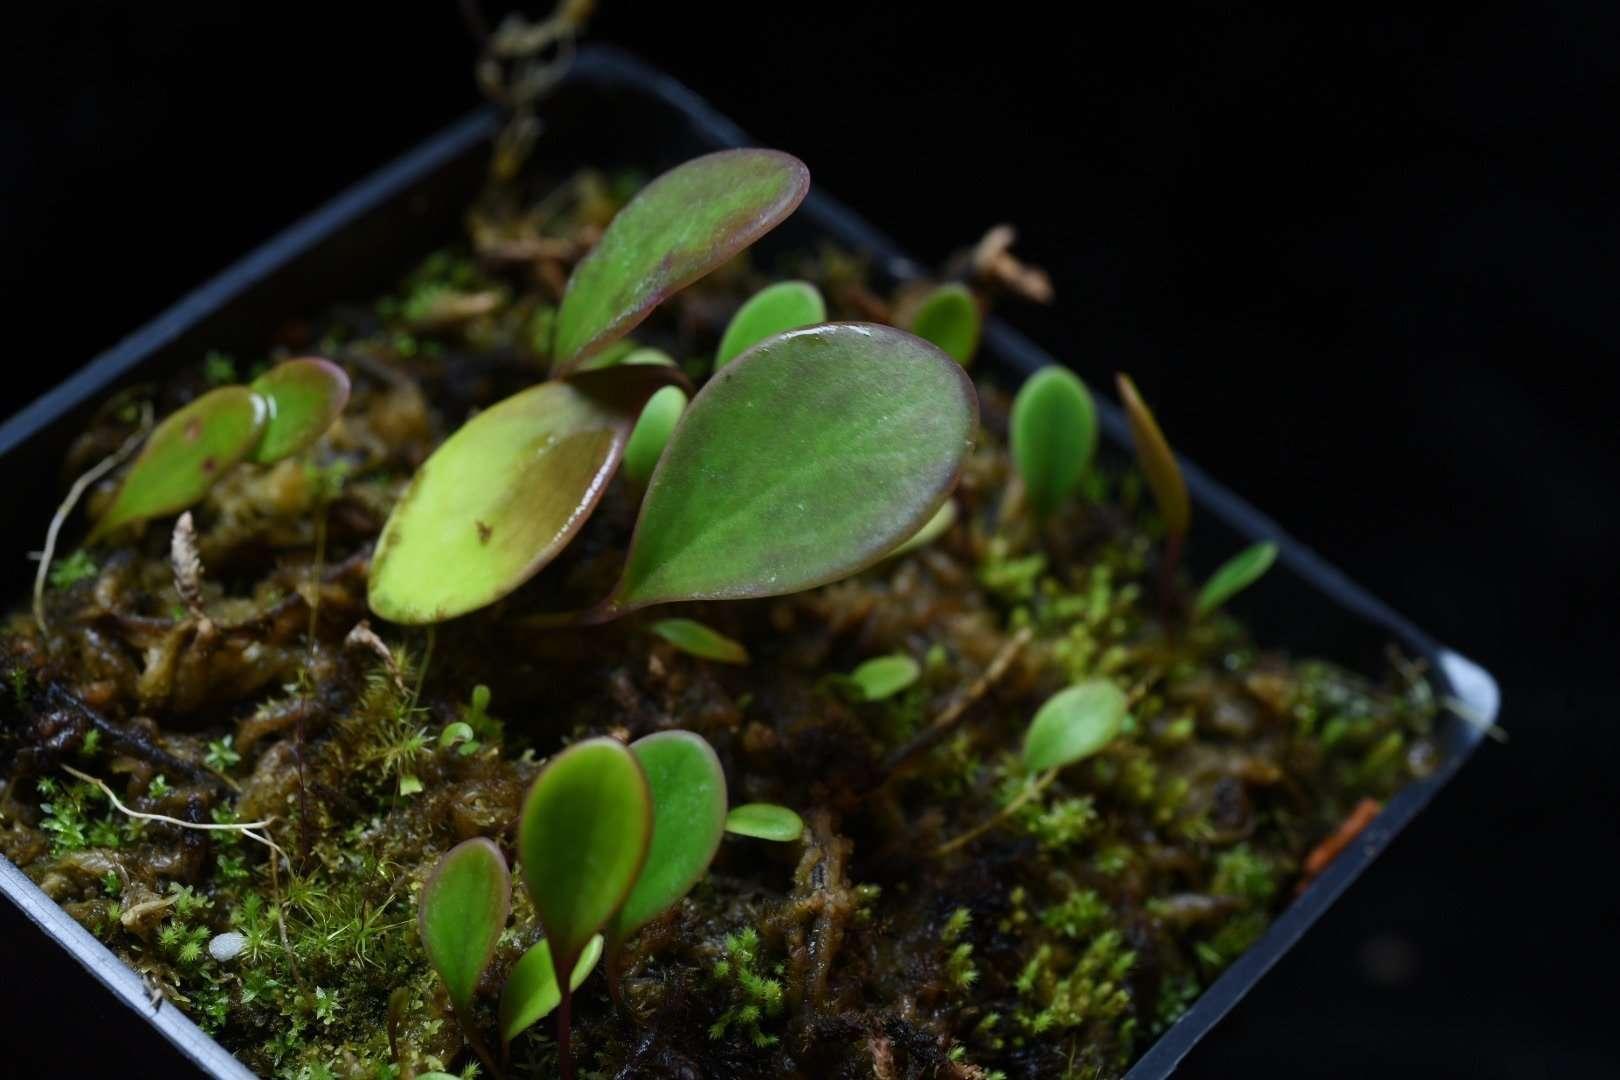 Utricularia quelchii for sale